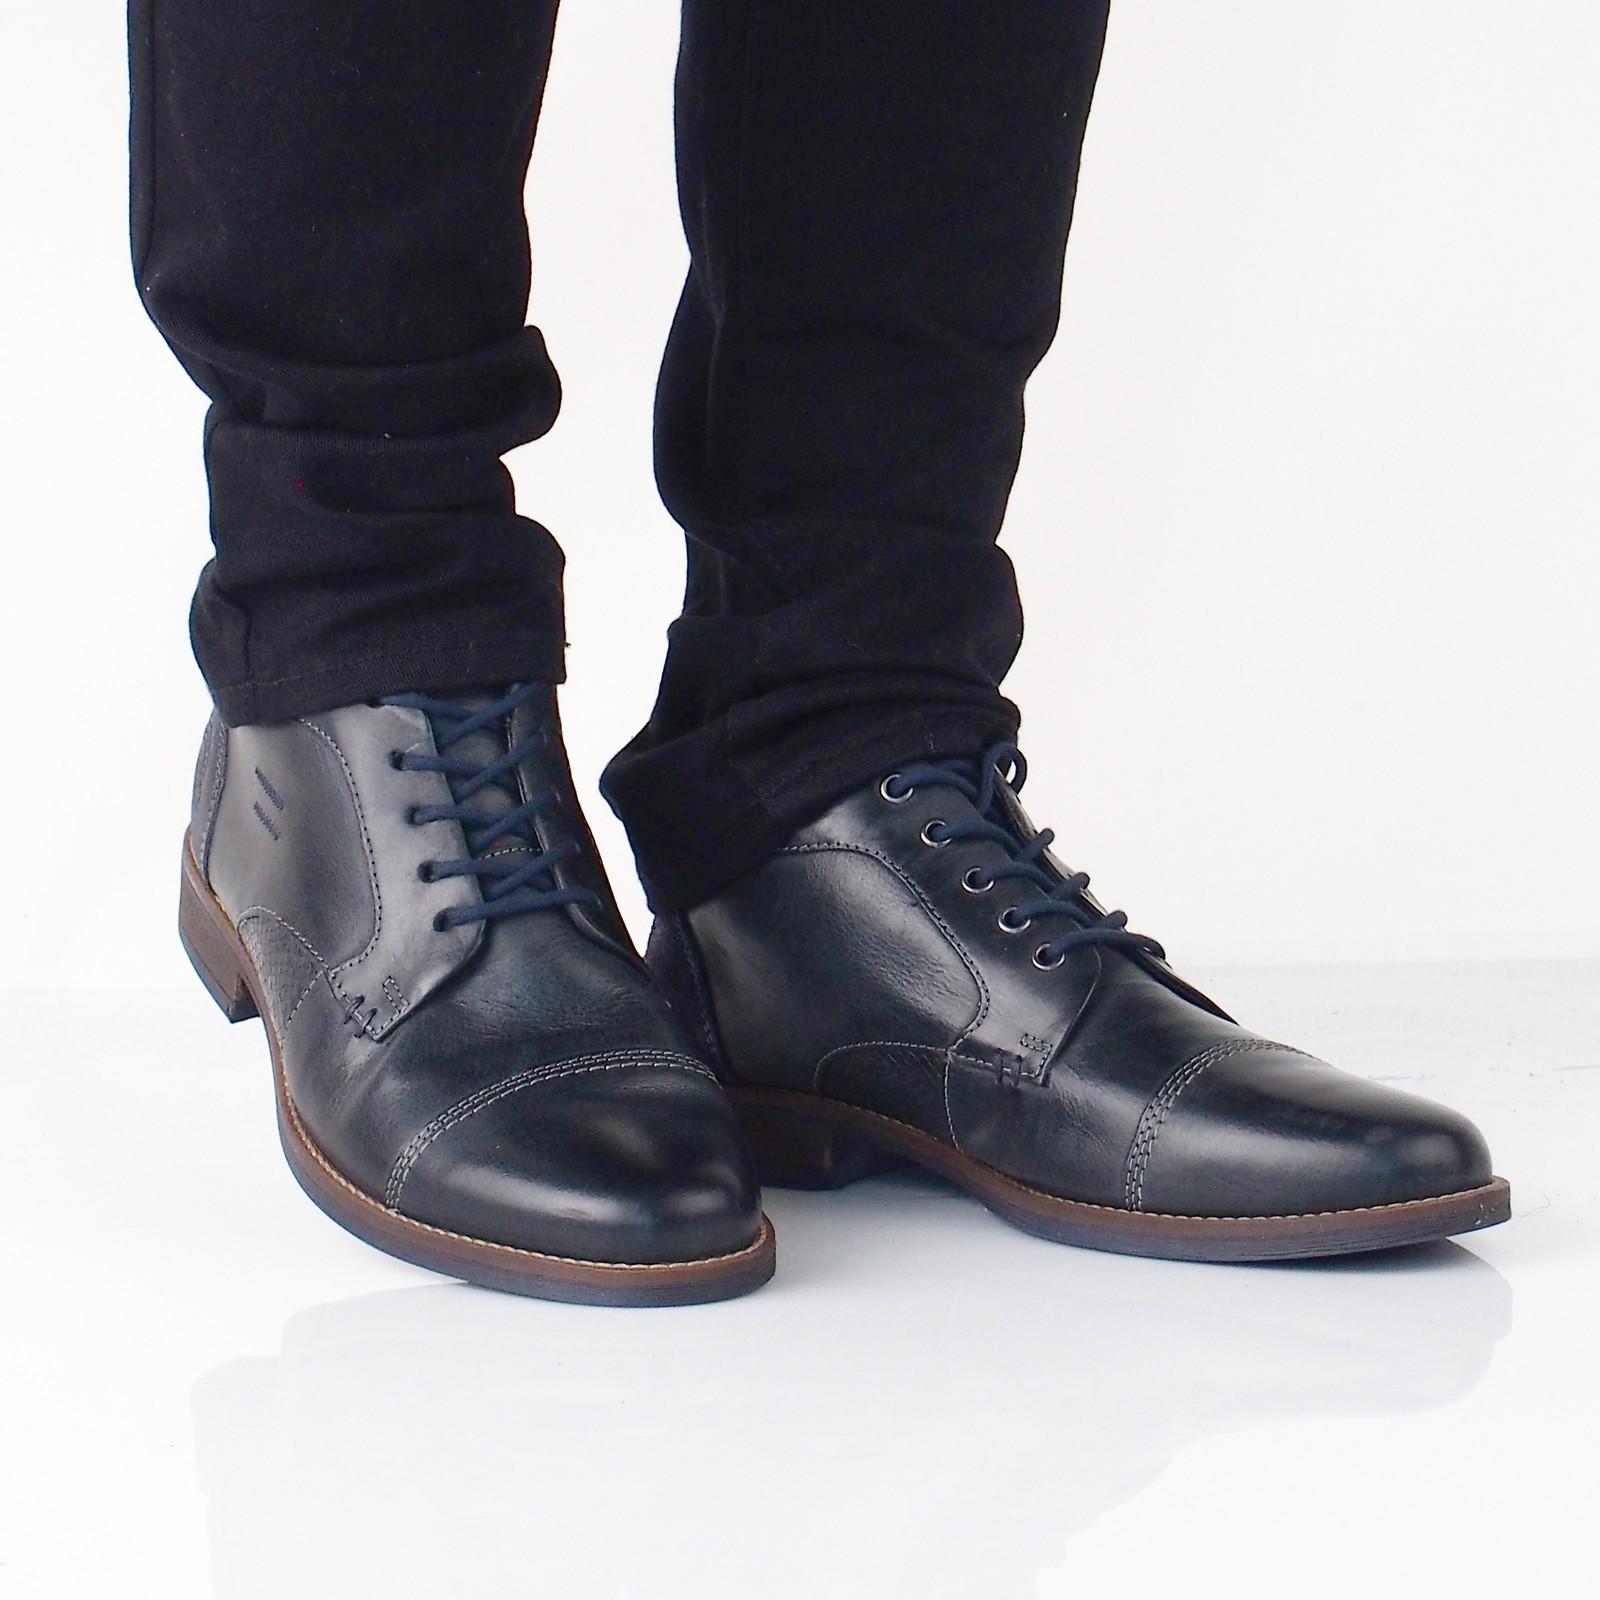 5c91d53499766 Klondike pánska kožená členková obuv - tmavomodrá | MH285H09-201 www ...